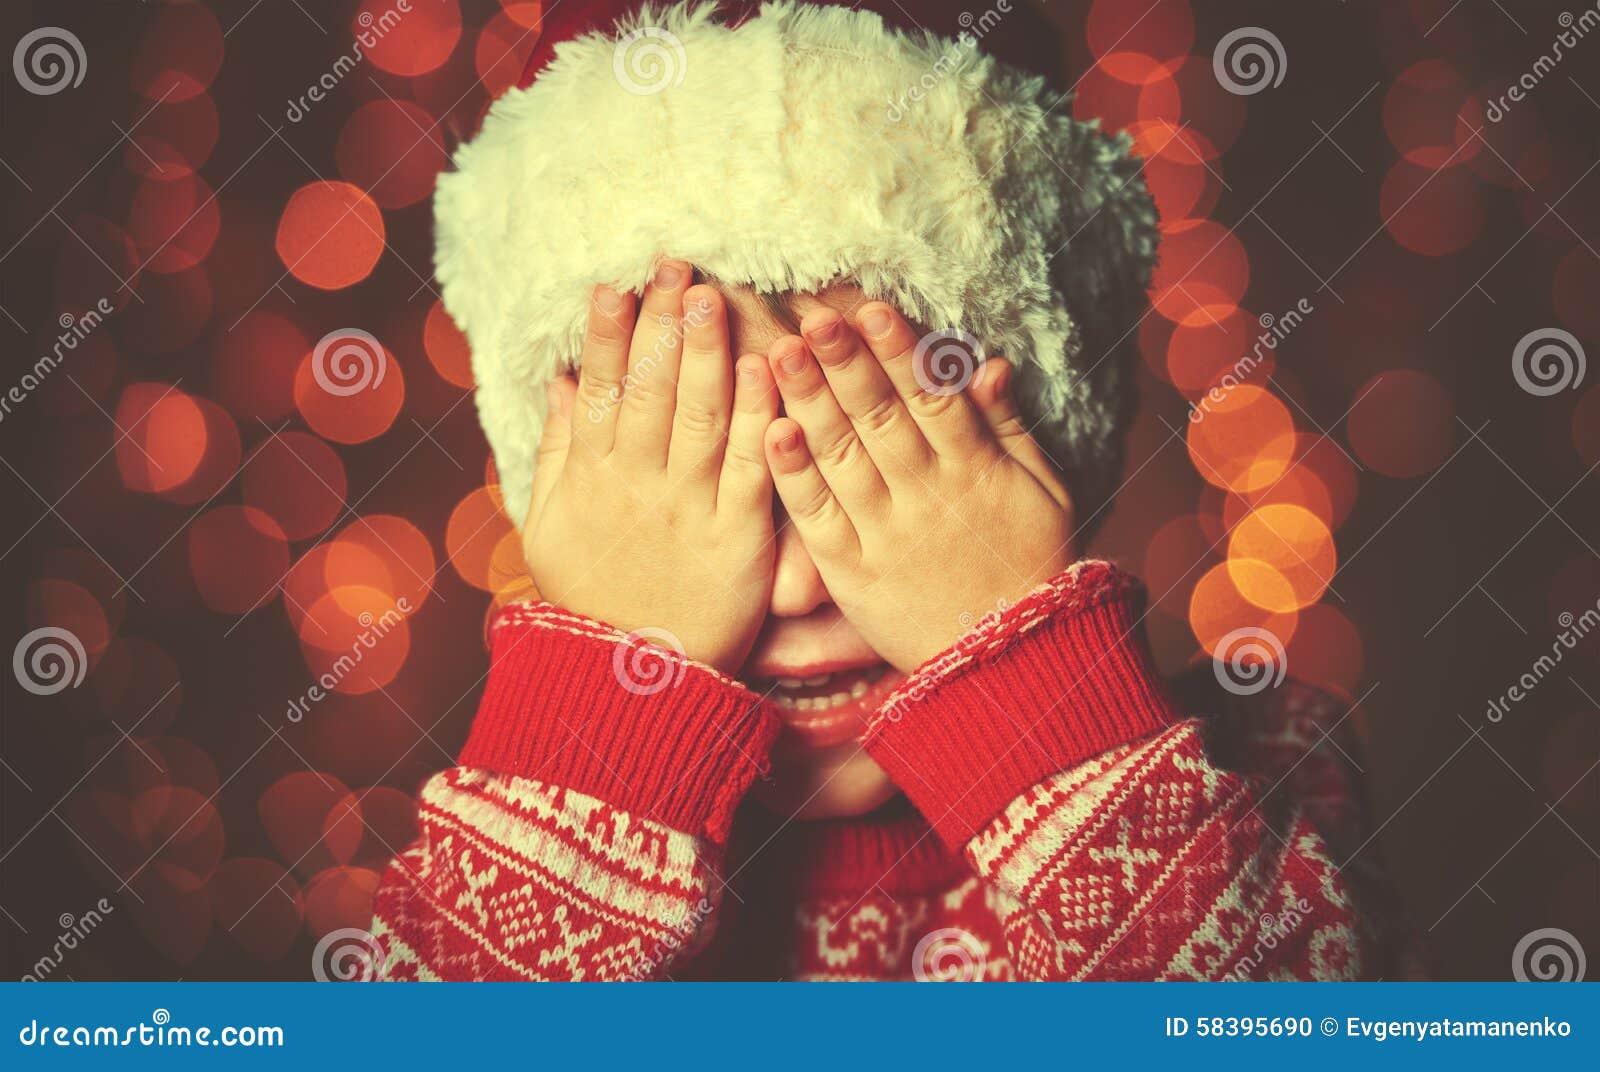 Kleines Mädchen in Erwartung eines Weihnachtswunders und eines Geschenks